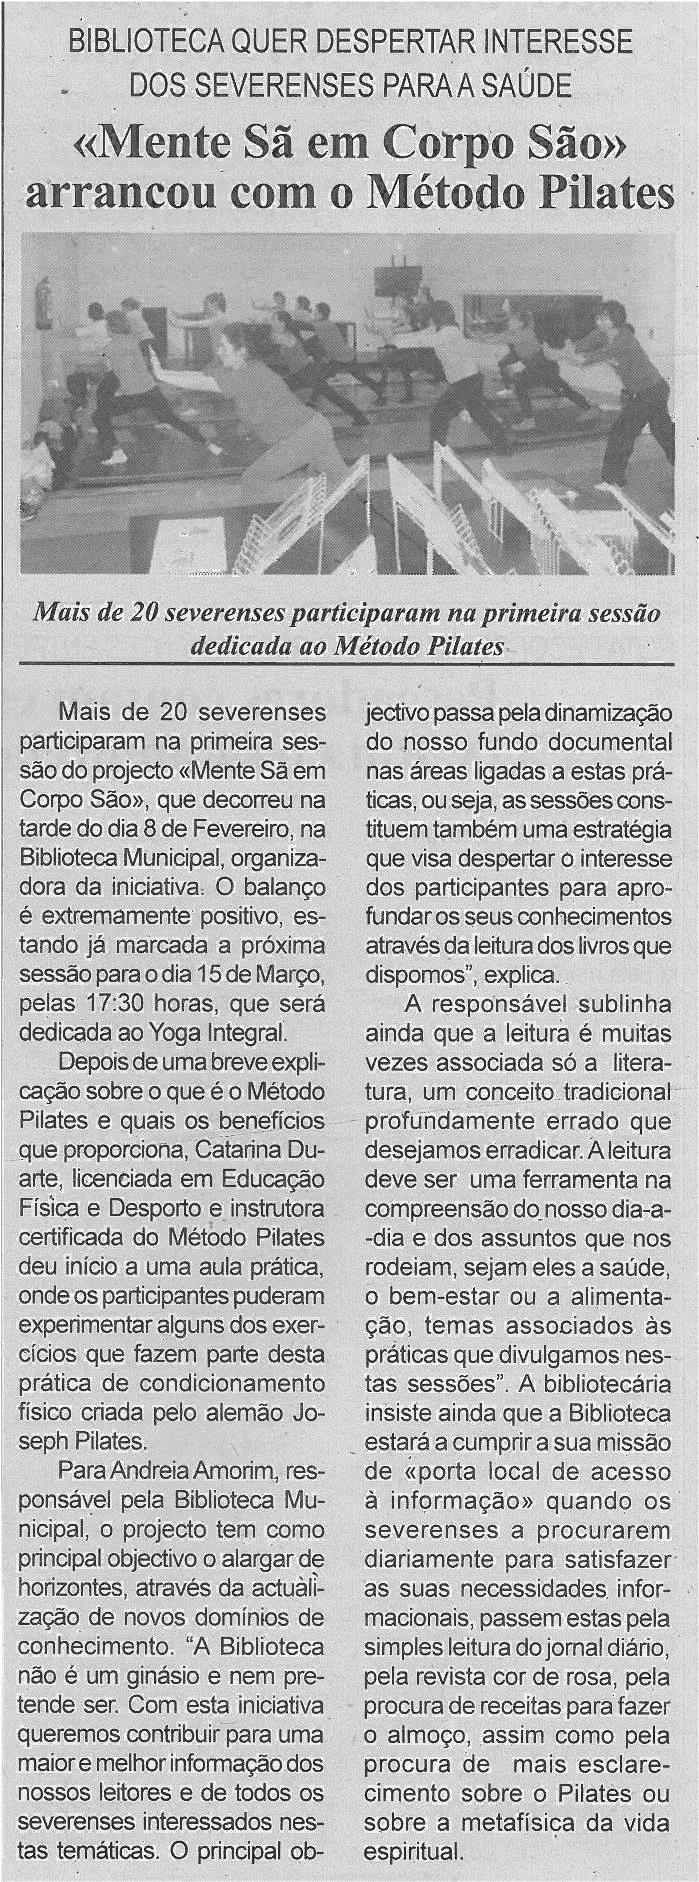 BV-2ªfev'14-p4-Mente sã em corpo são arrancou com o Método Pilates : Biblioteca quer despertar interesse dos severenses para a saúde